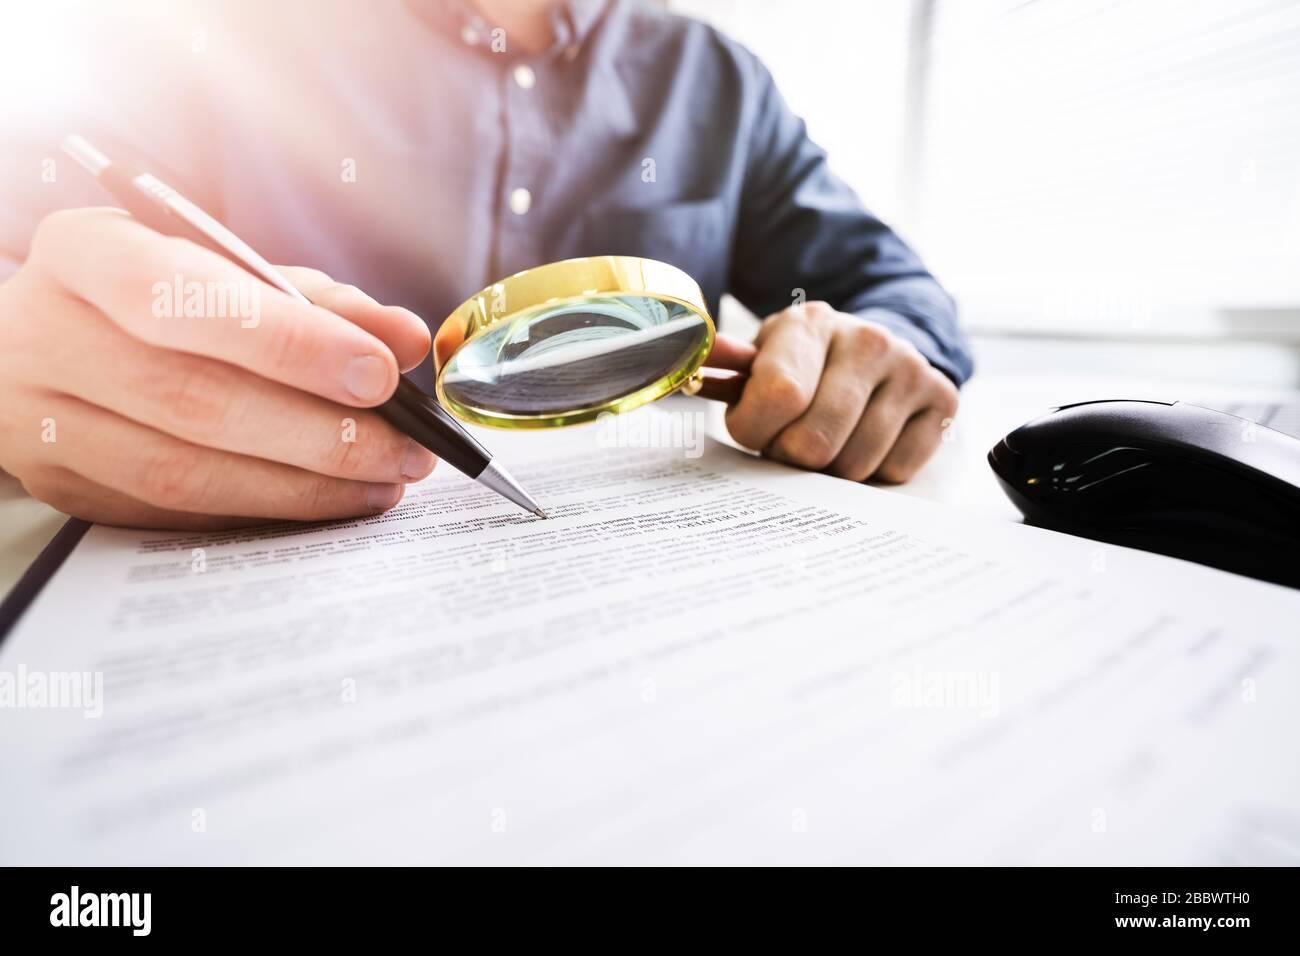 Man Magnifying Glass Book Stock Photos Man Magnifying Glass Book